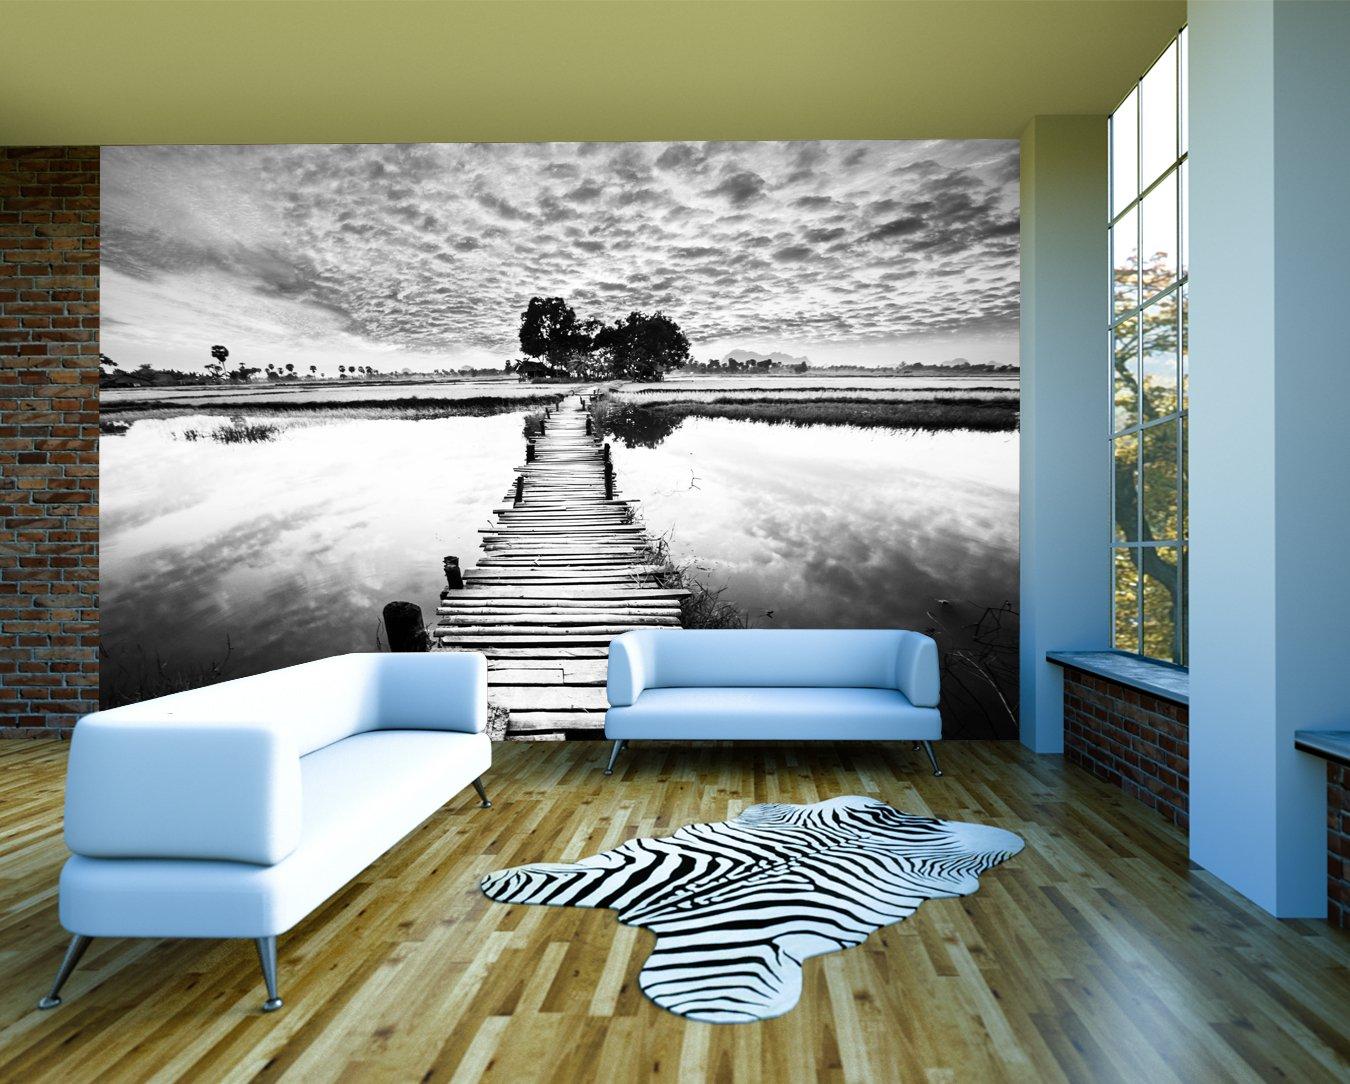 Bilderdepot24 selbstklebende Fototapete Steg retro  schwarz weiss 300x230 cm  direkt vom Hersteller   Kundenbewertungen